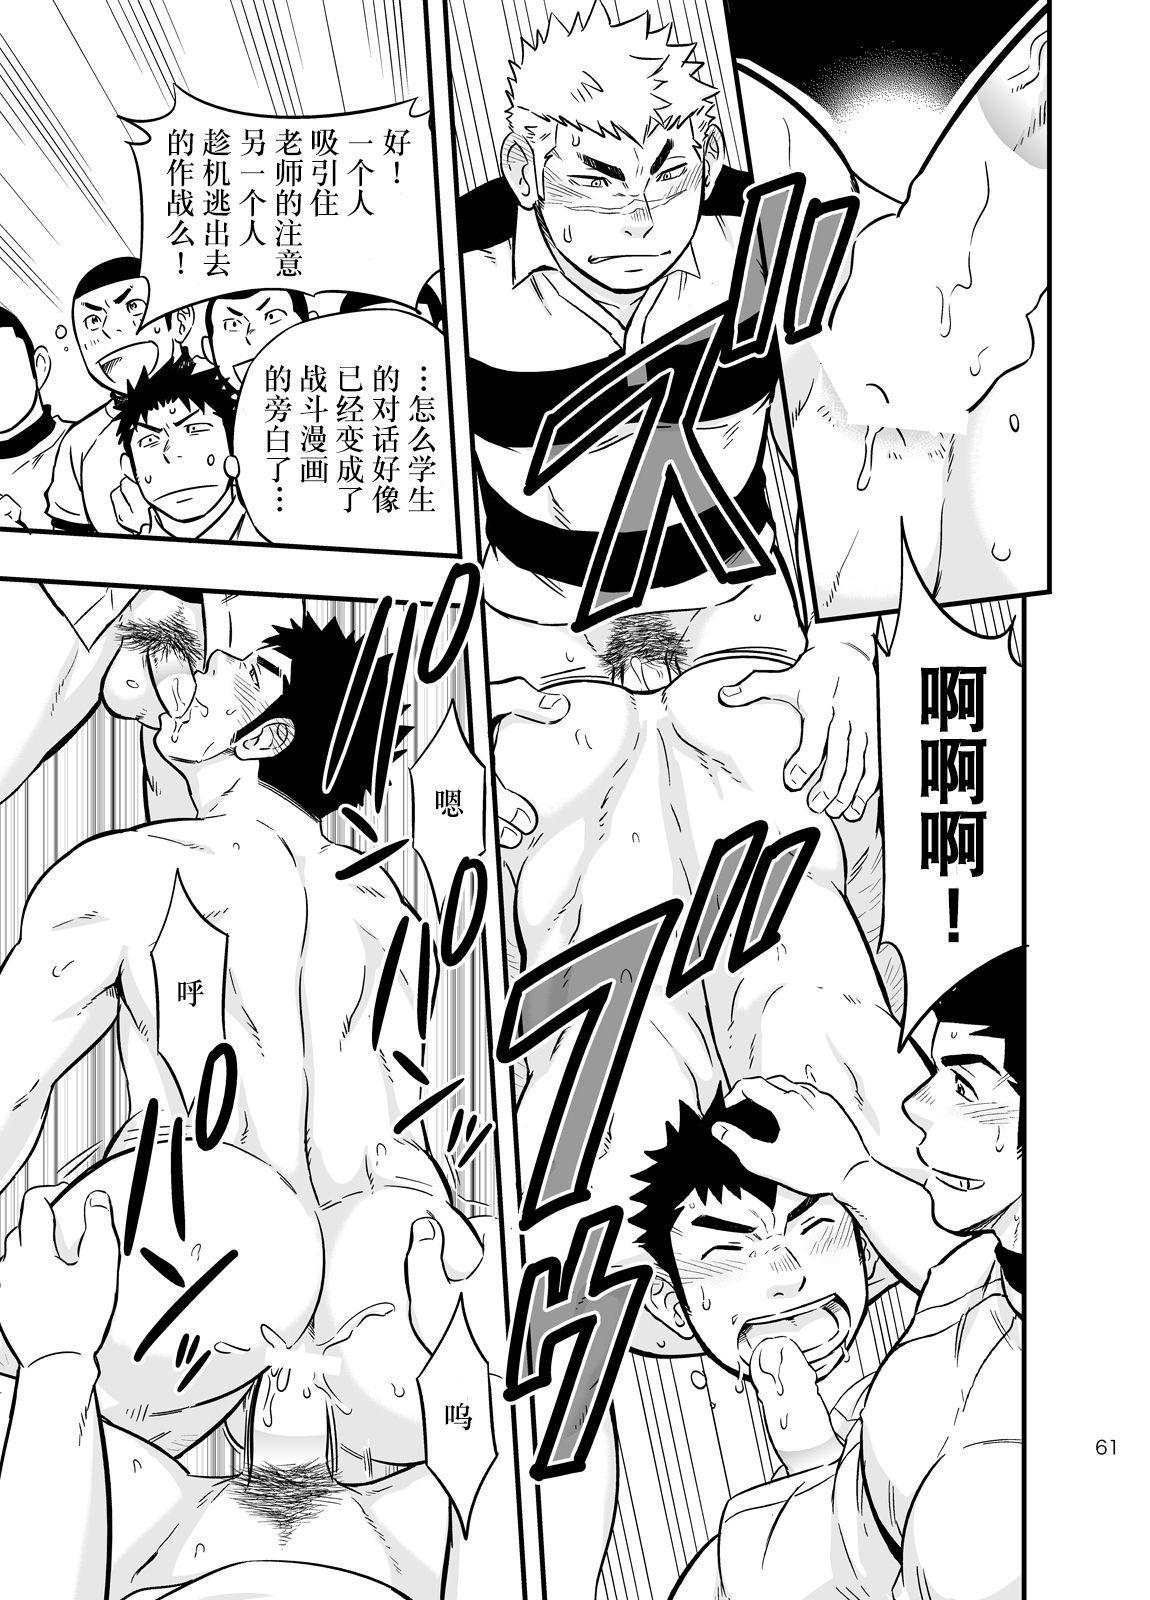 Moshimo Danshikou no Hoken Taiiku ga Jitsugi Ari Dattara 2 | 如果男校的保健体育课有实践环节的话 2 59